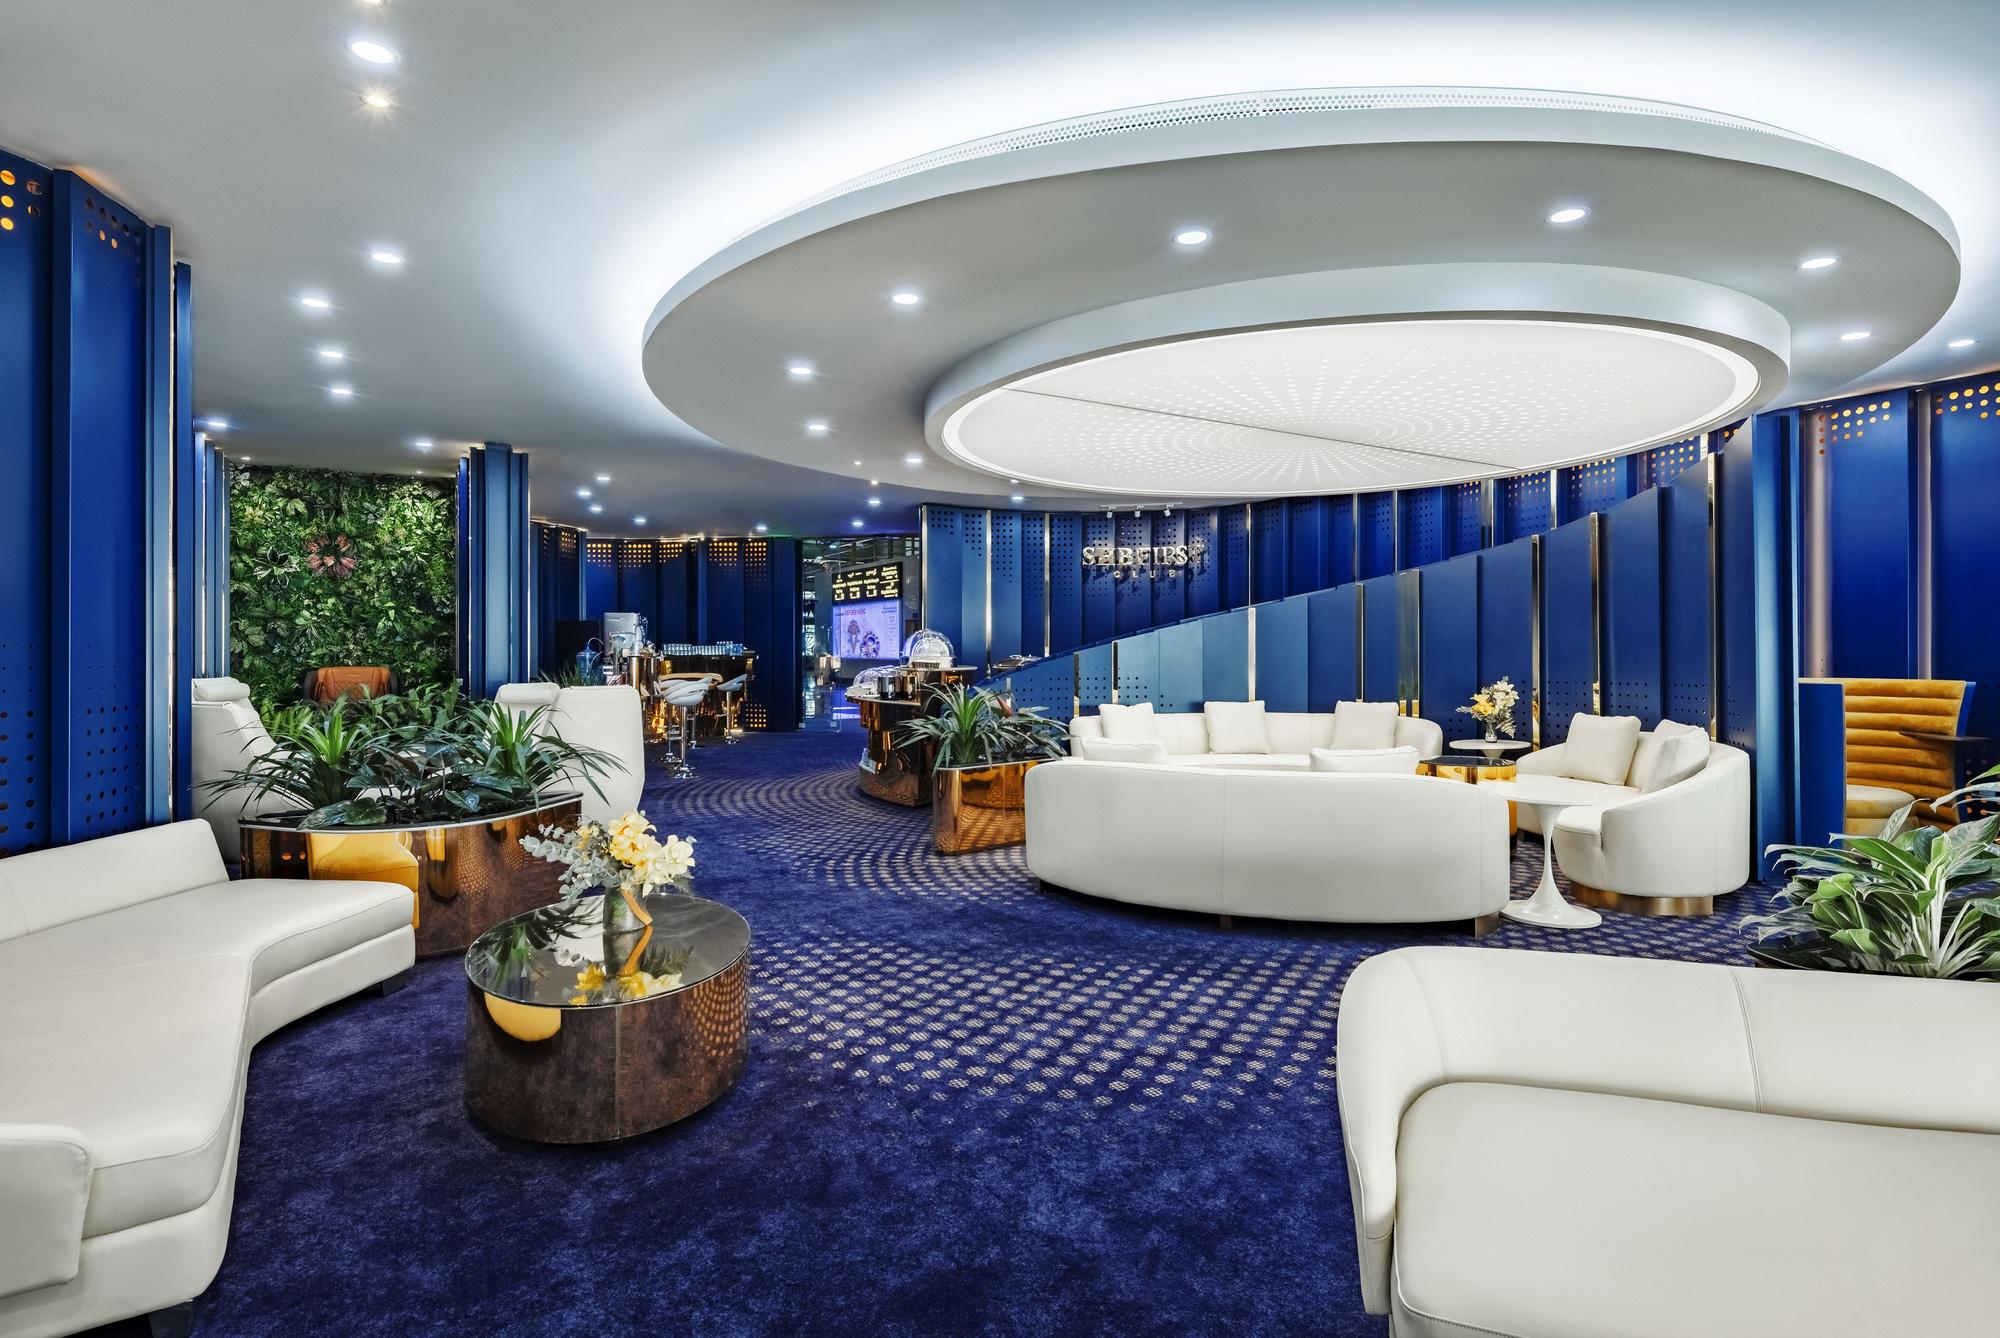 SHB First Club Nội Bài – phòng chờ sân bay mạ vàng 24K đầu tiên được ra mắt - Ảnh 4.